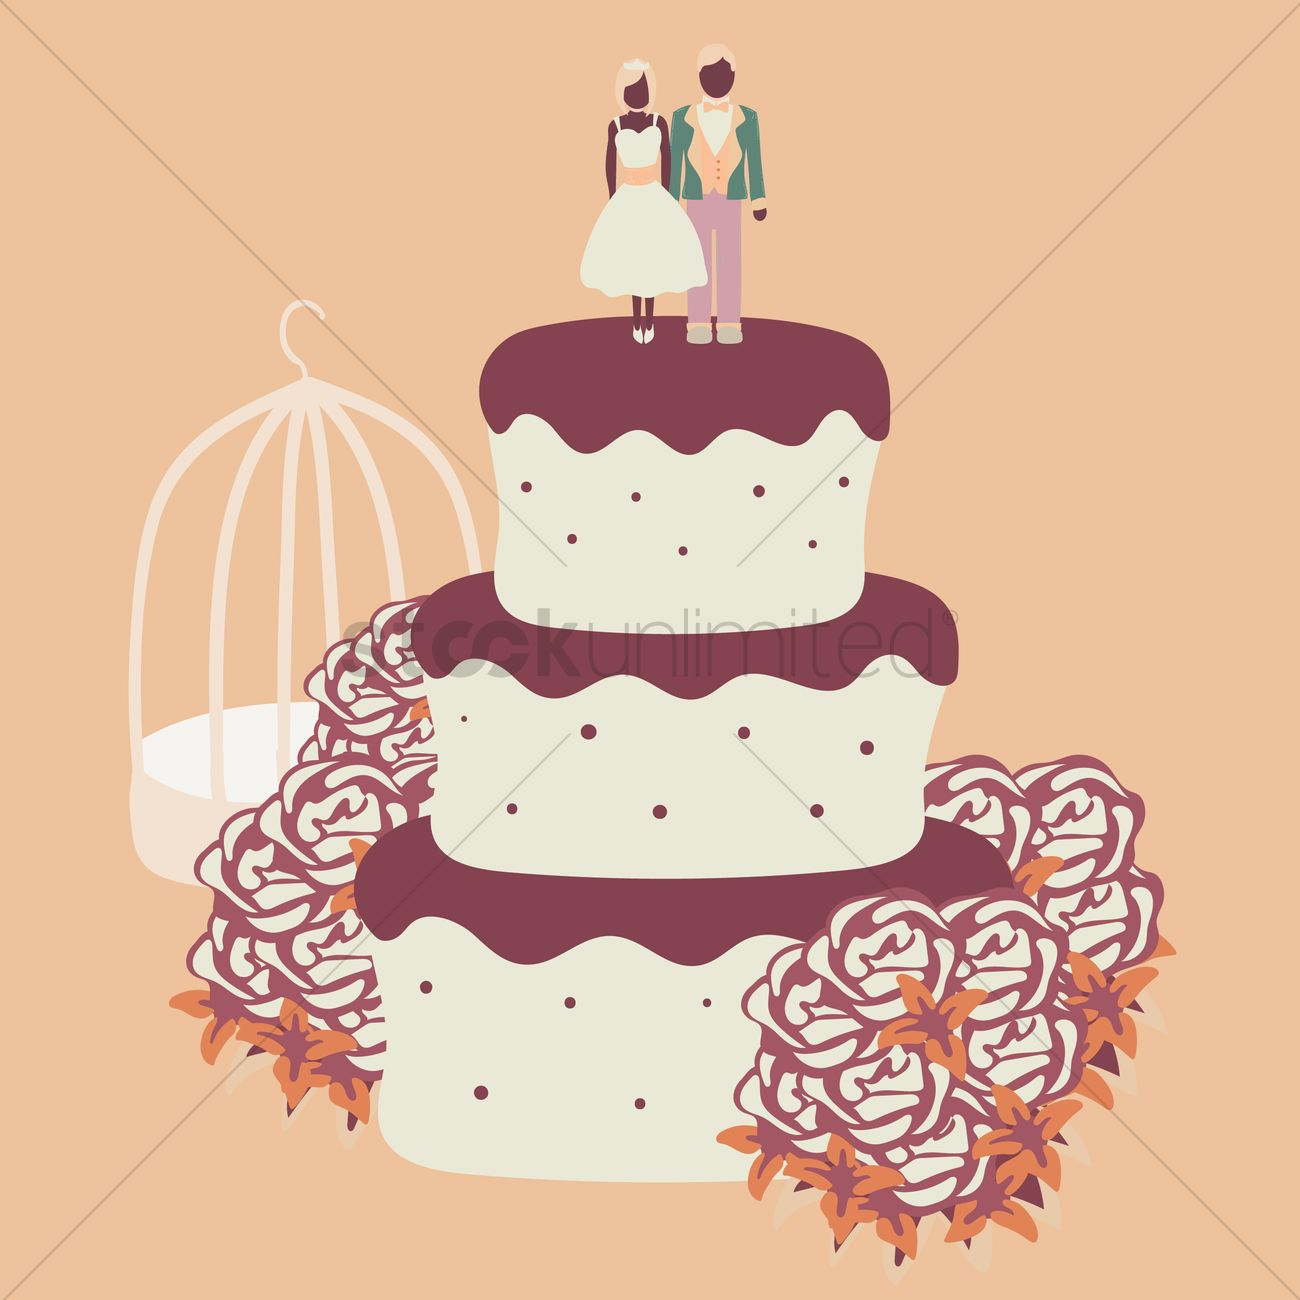 1300x1300 Wedding Cake Vector Image